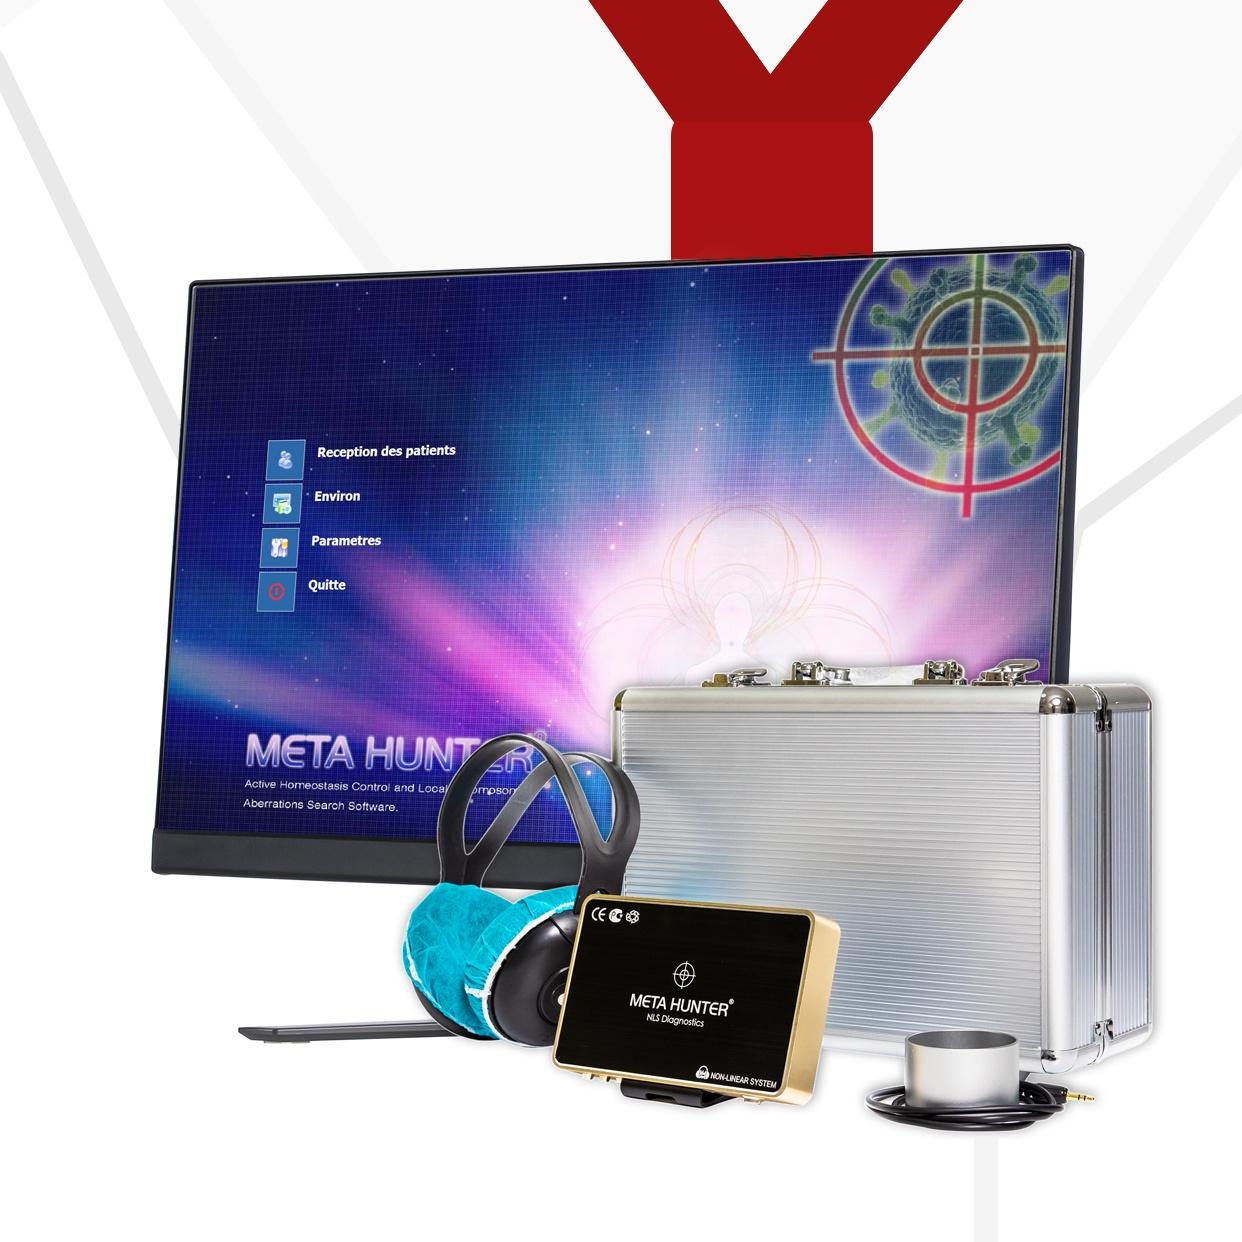 Профессиональный Metatron Hunter 4025, сканер тела, анализатор здоровья и терапевтическая машина